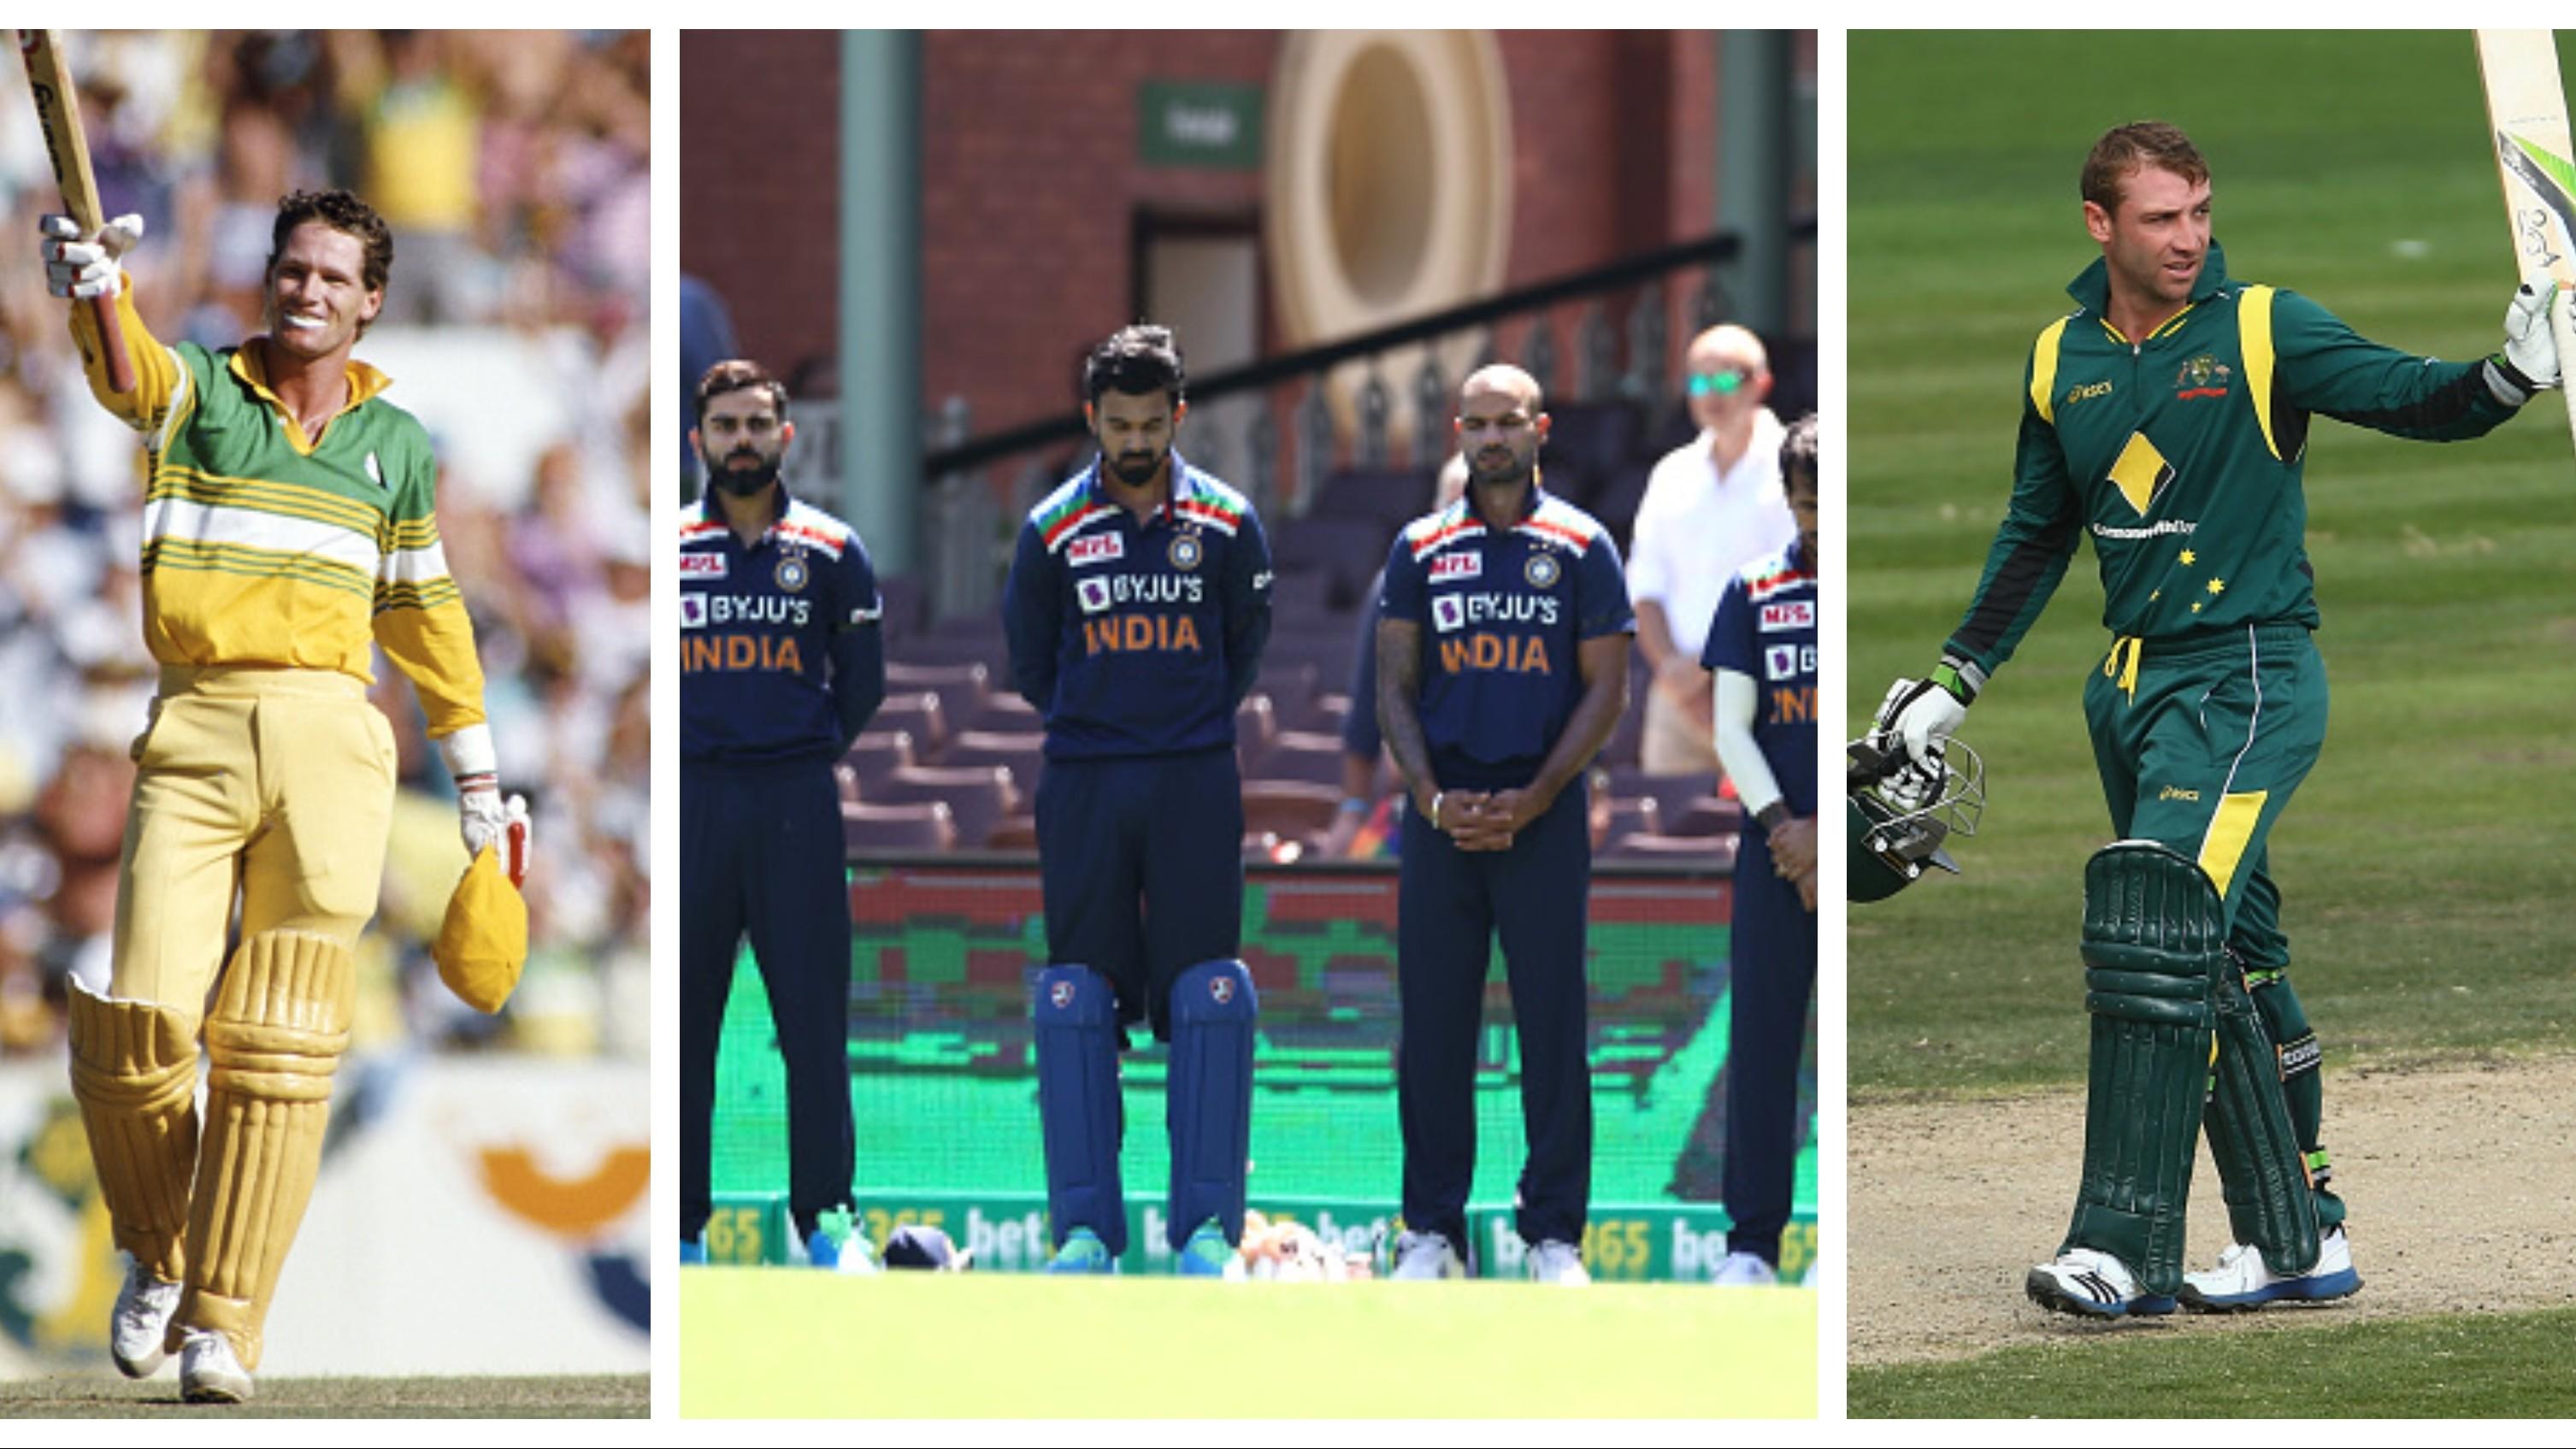 AUS v IND 2020-21: Indian team sport black armbands in memory of Phil Hughes, Dean Jones